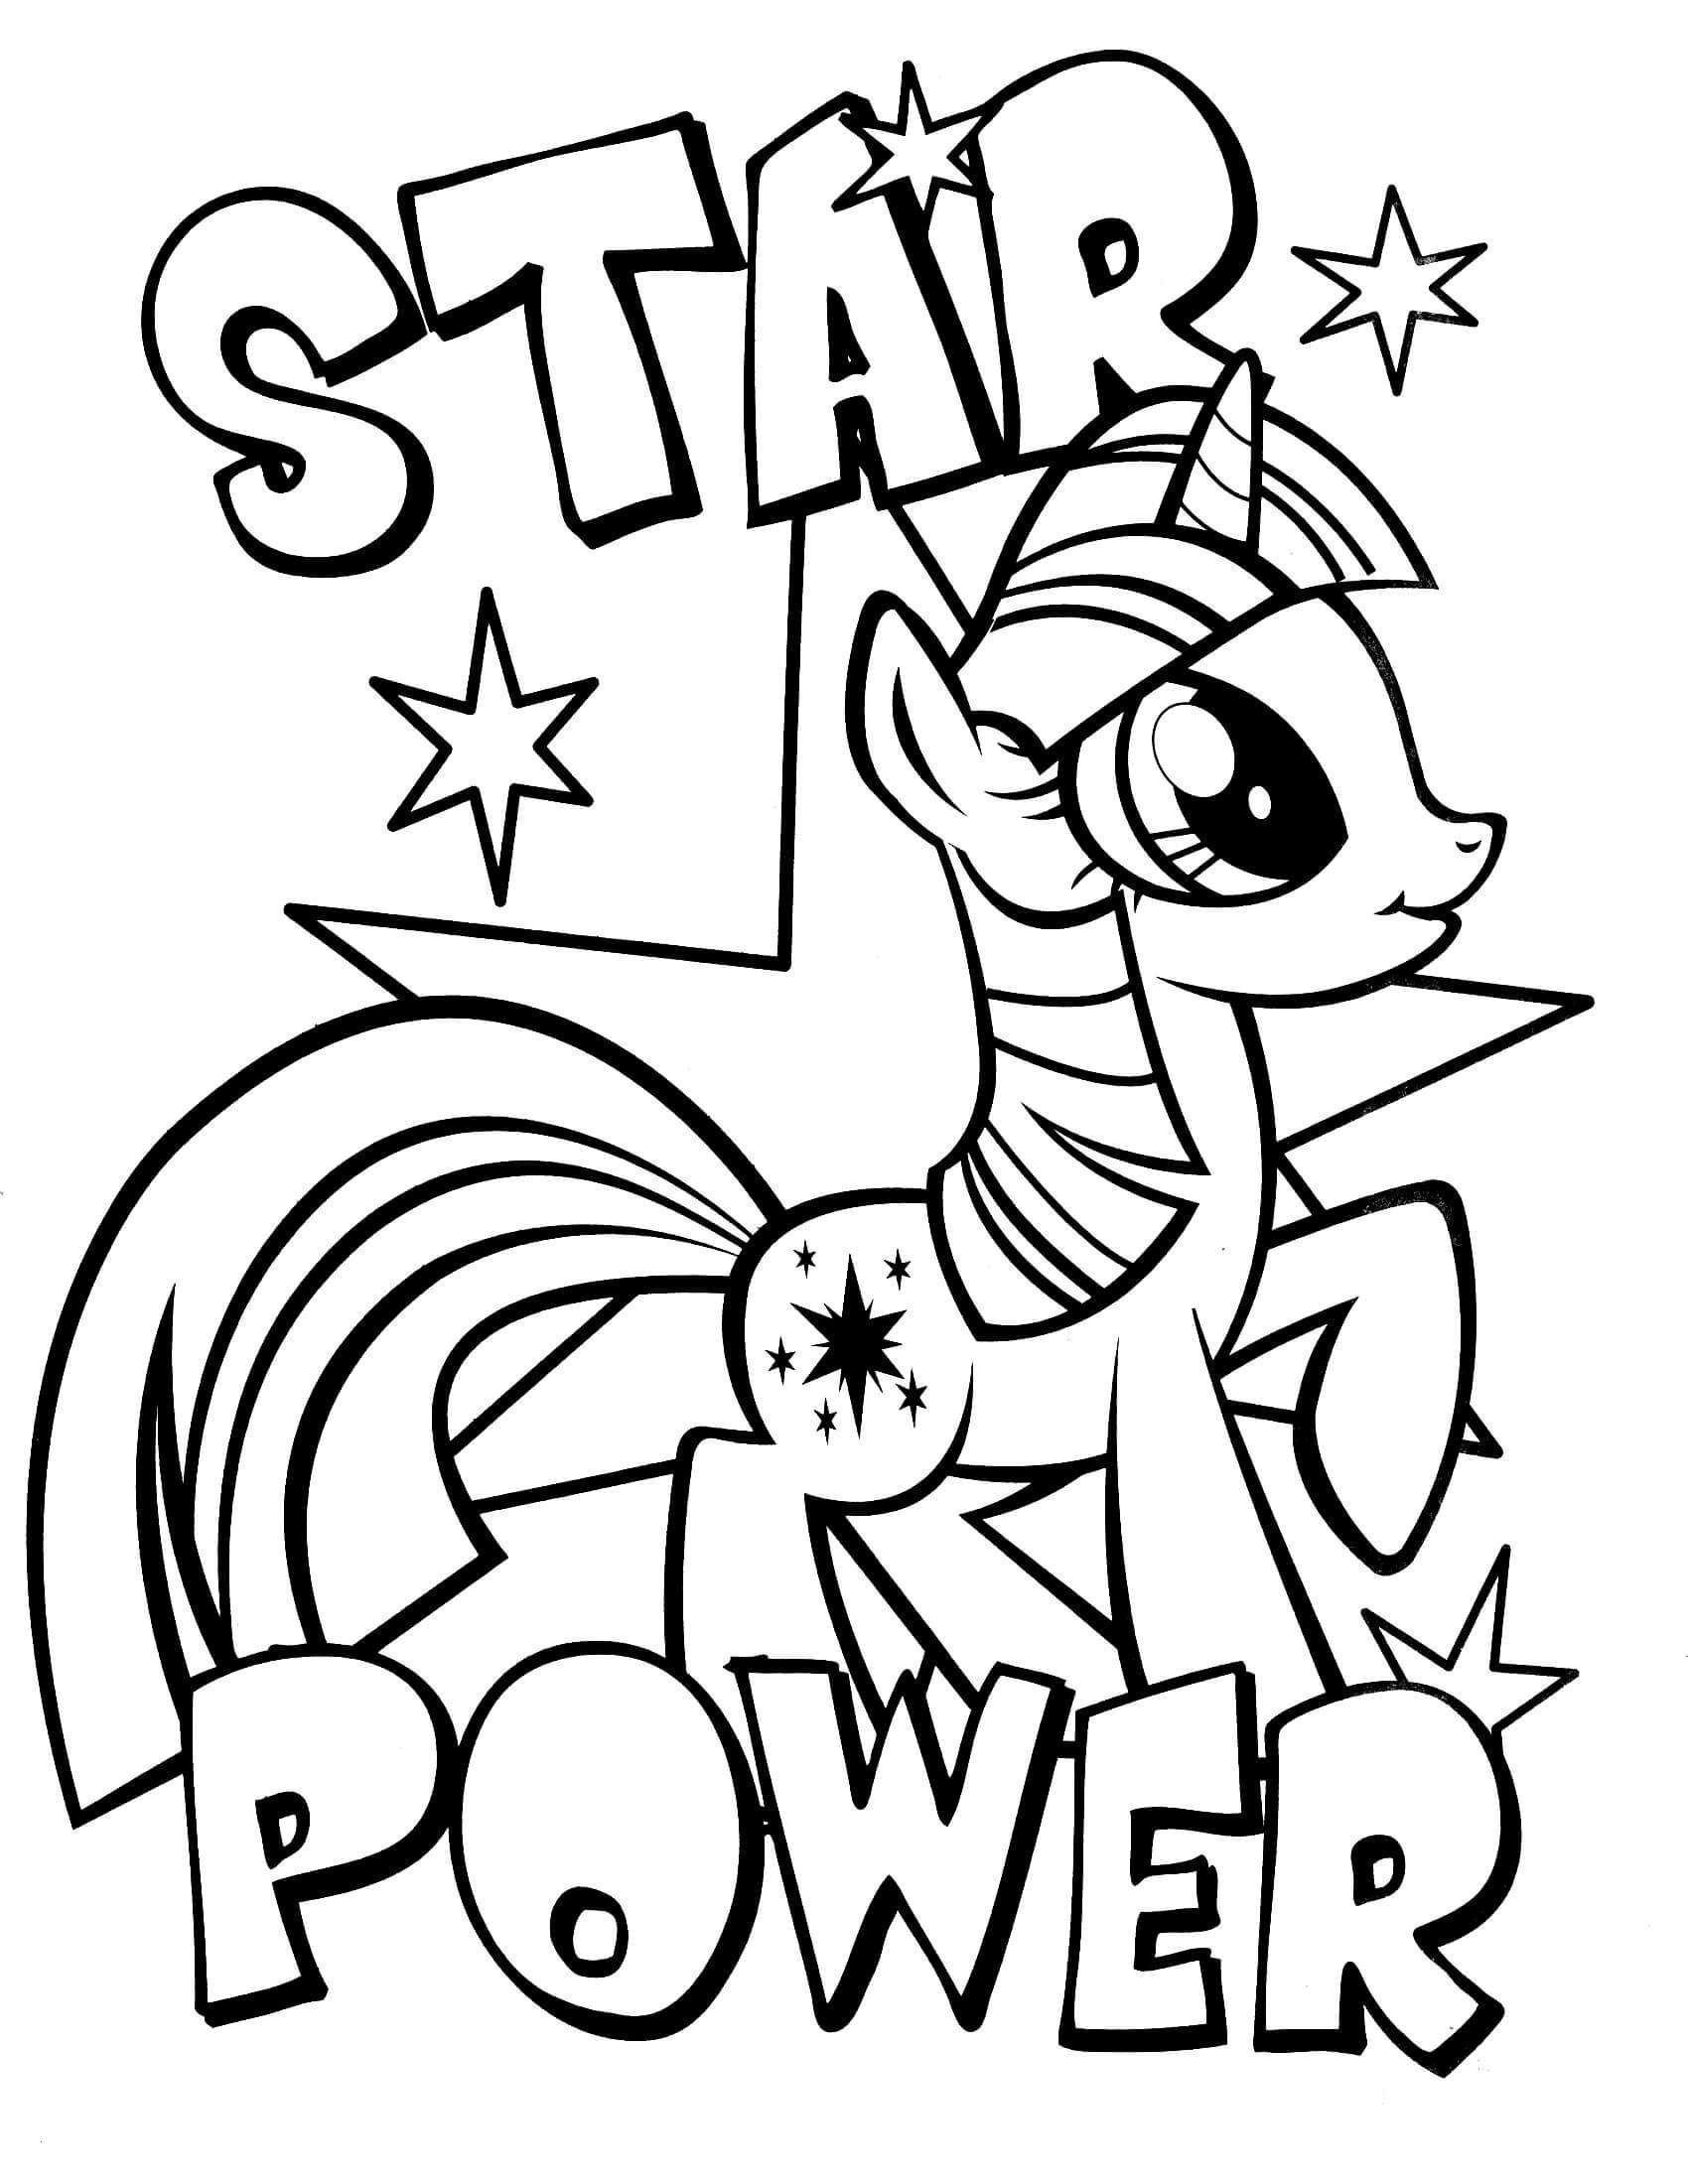 My Little Pony Friendship is Magic Ausmalbilder Genial Ausmalbilder My Little Pony Prinzessin Cadance Elegant 28 Mlp Frisch Sammlung